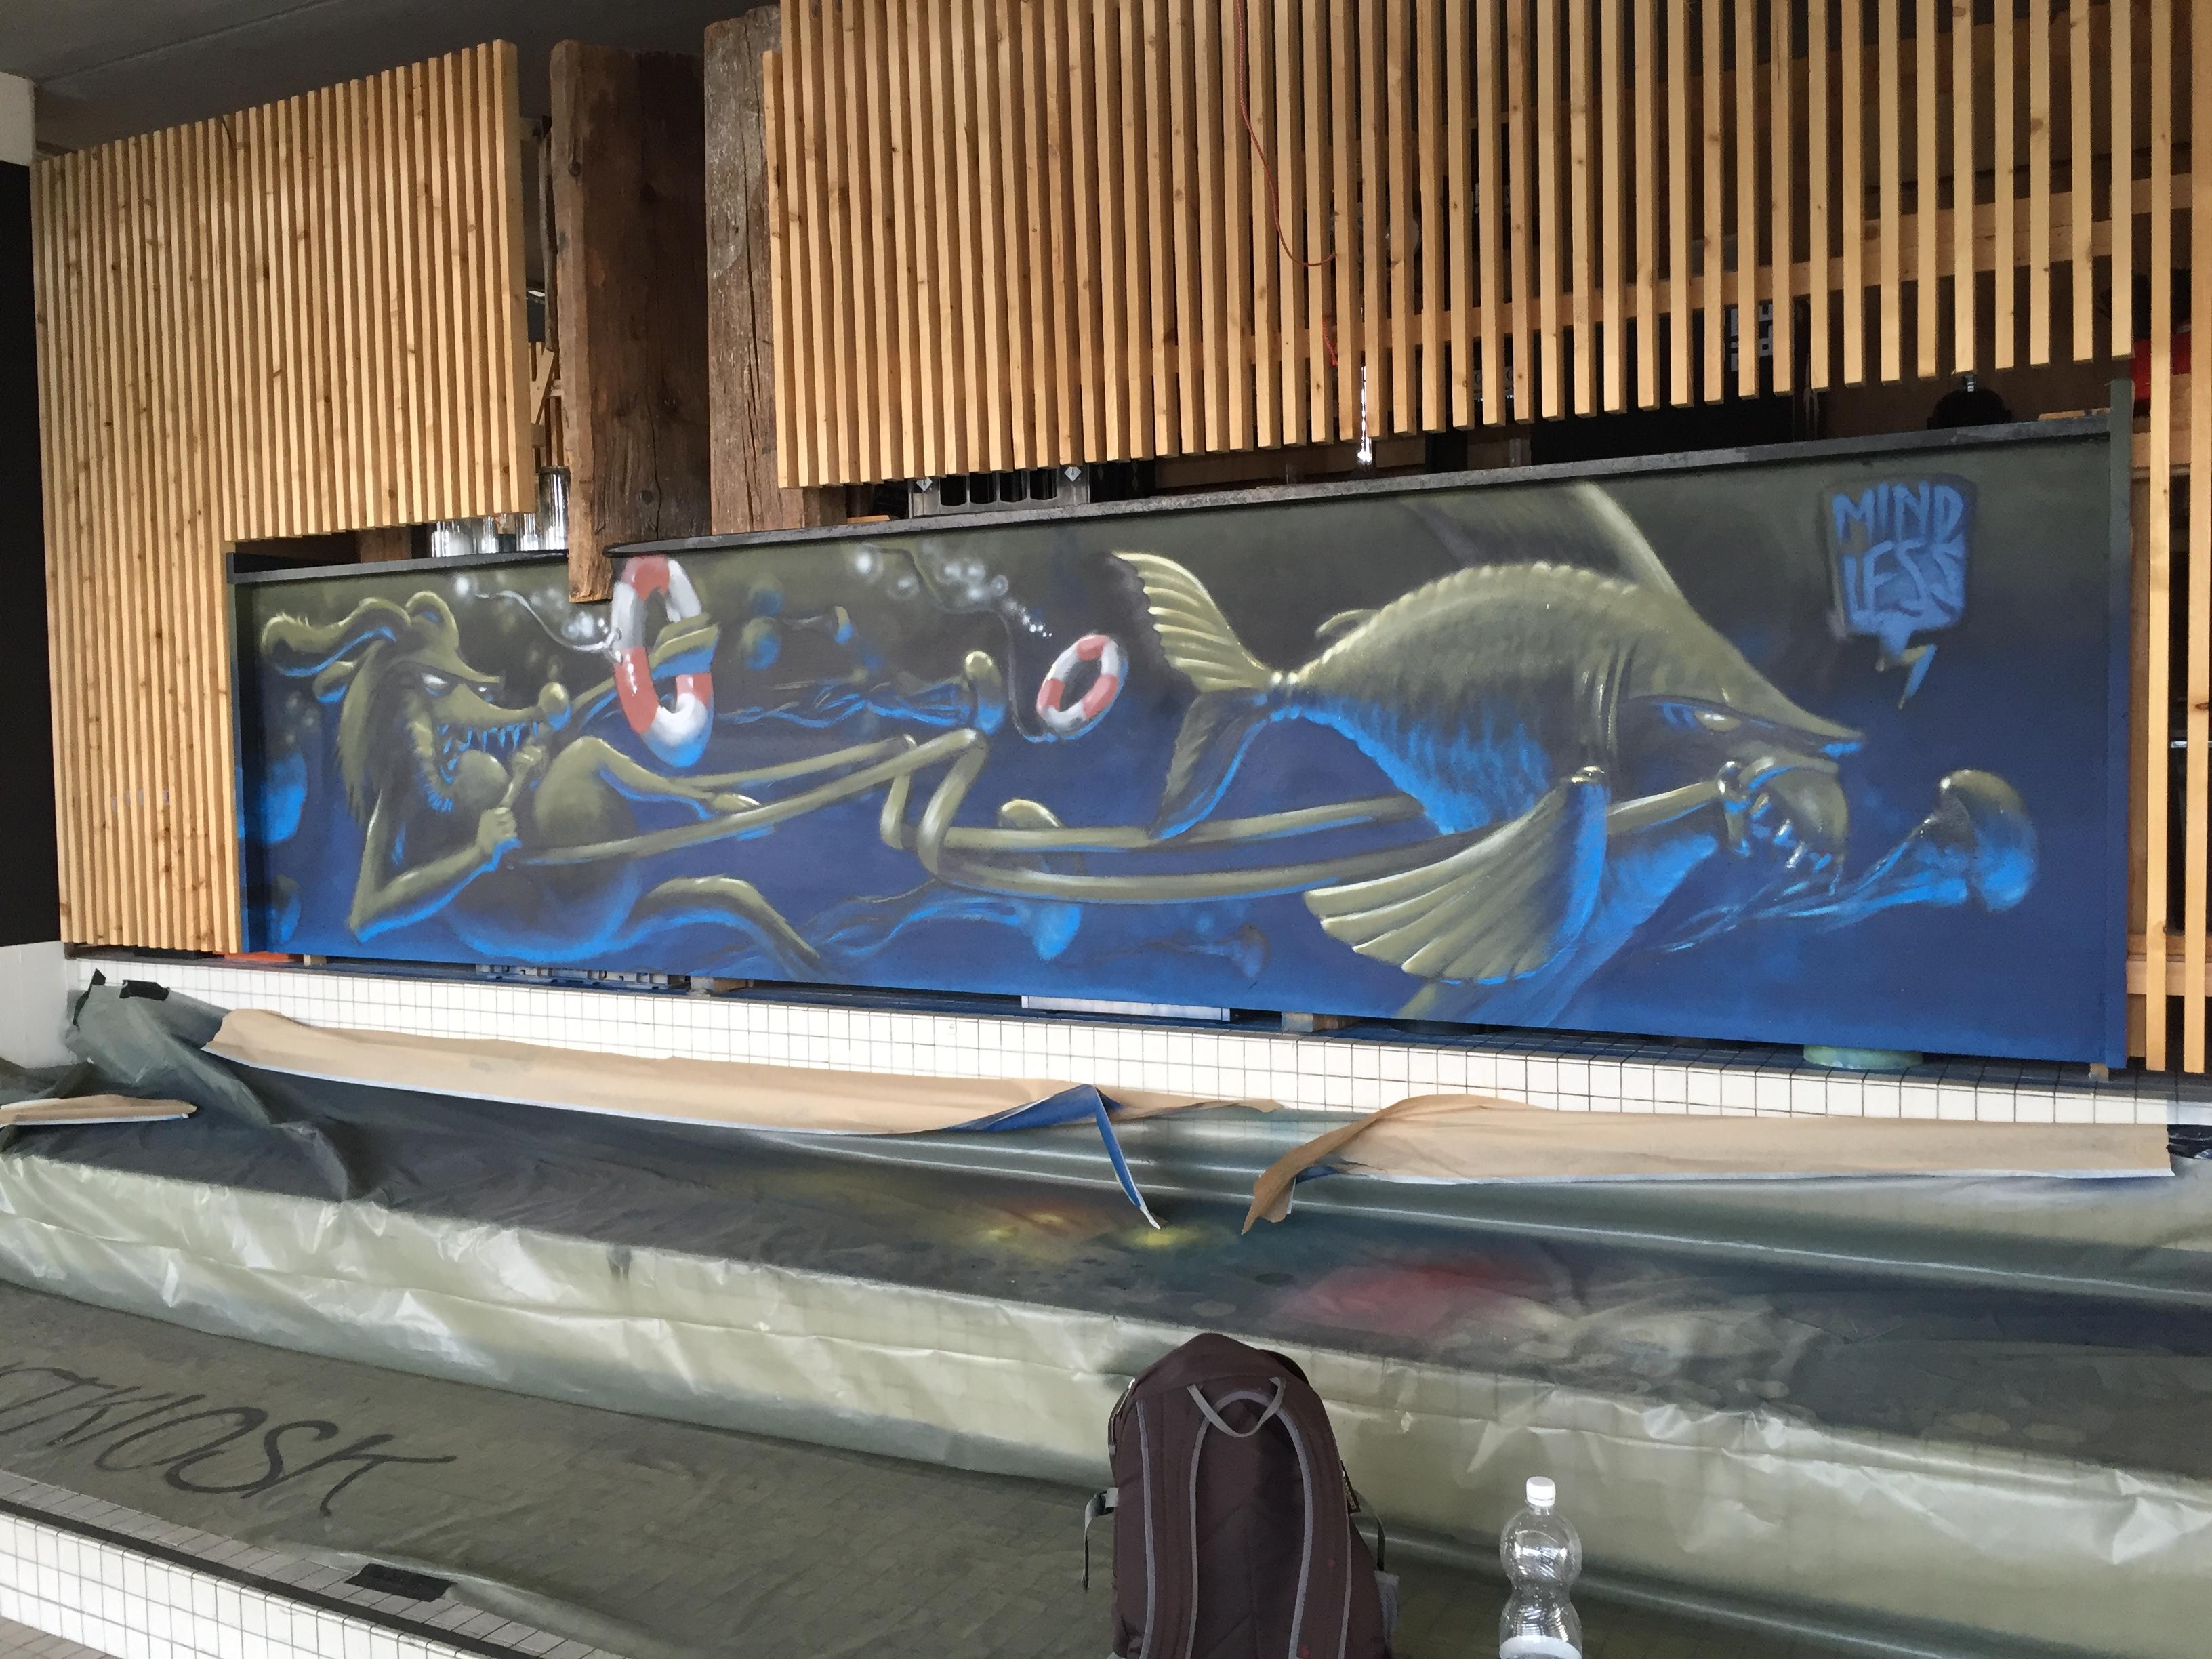 Mit diesem Bild unterstützte ich das diesjährige Neusicht Festival in Luzern.Eine Veranstaltung des Vereins  Viva Con Agua Schweiz.